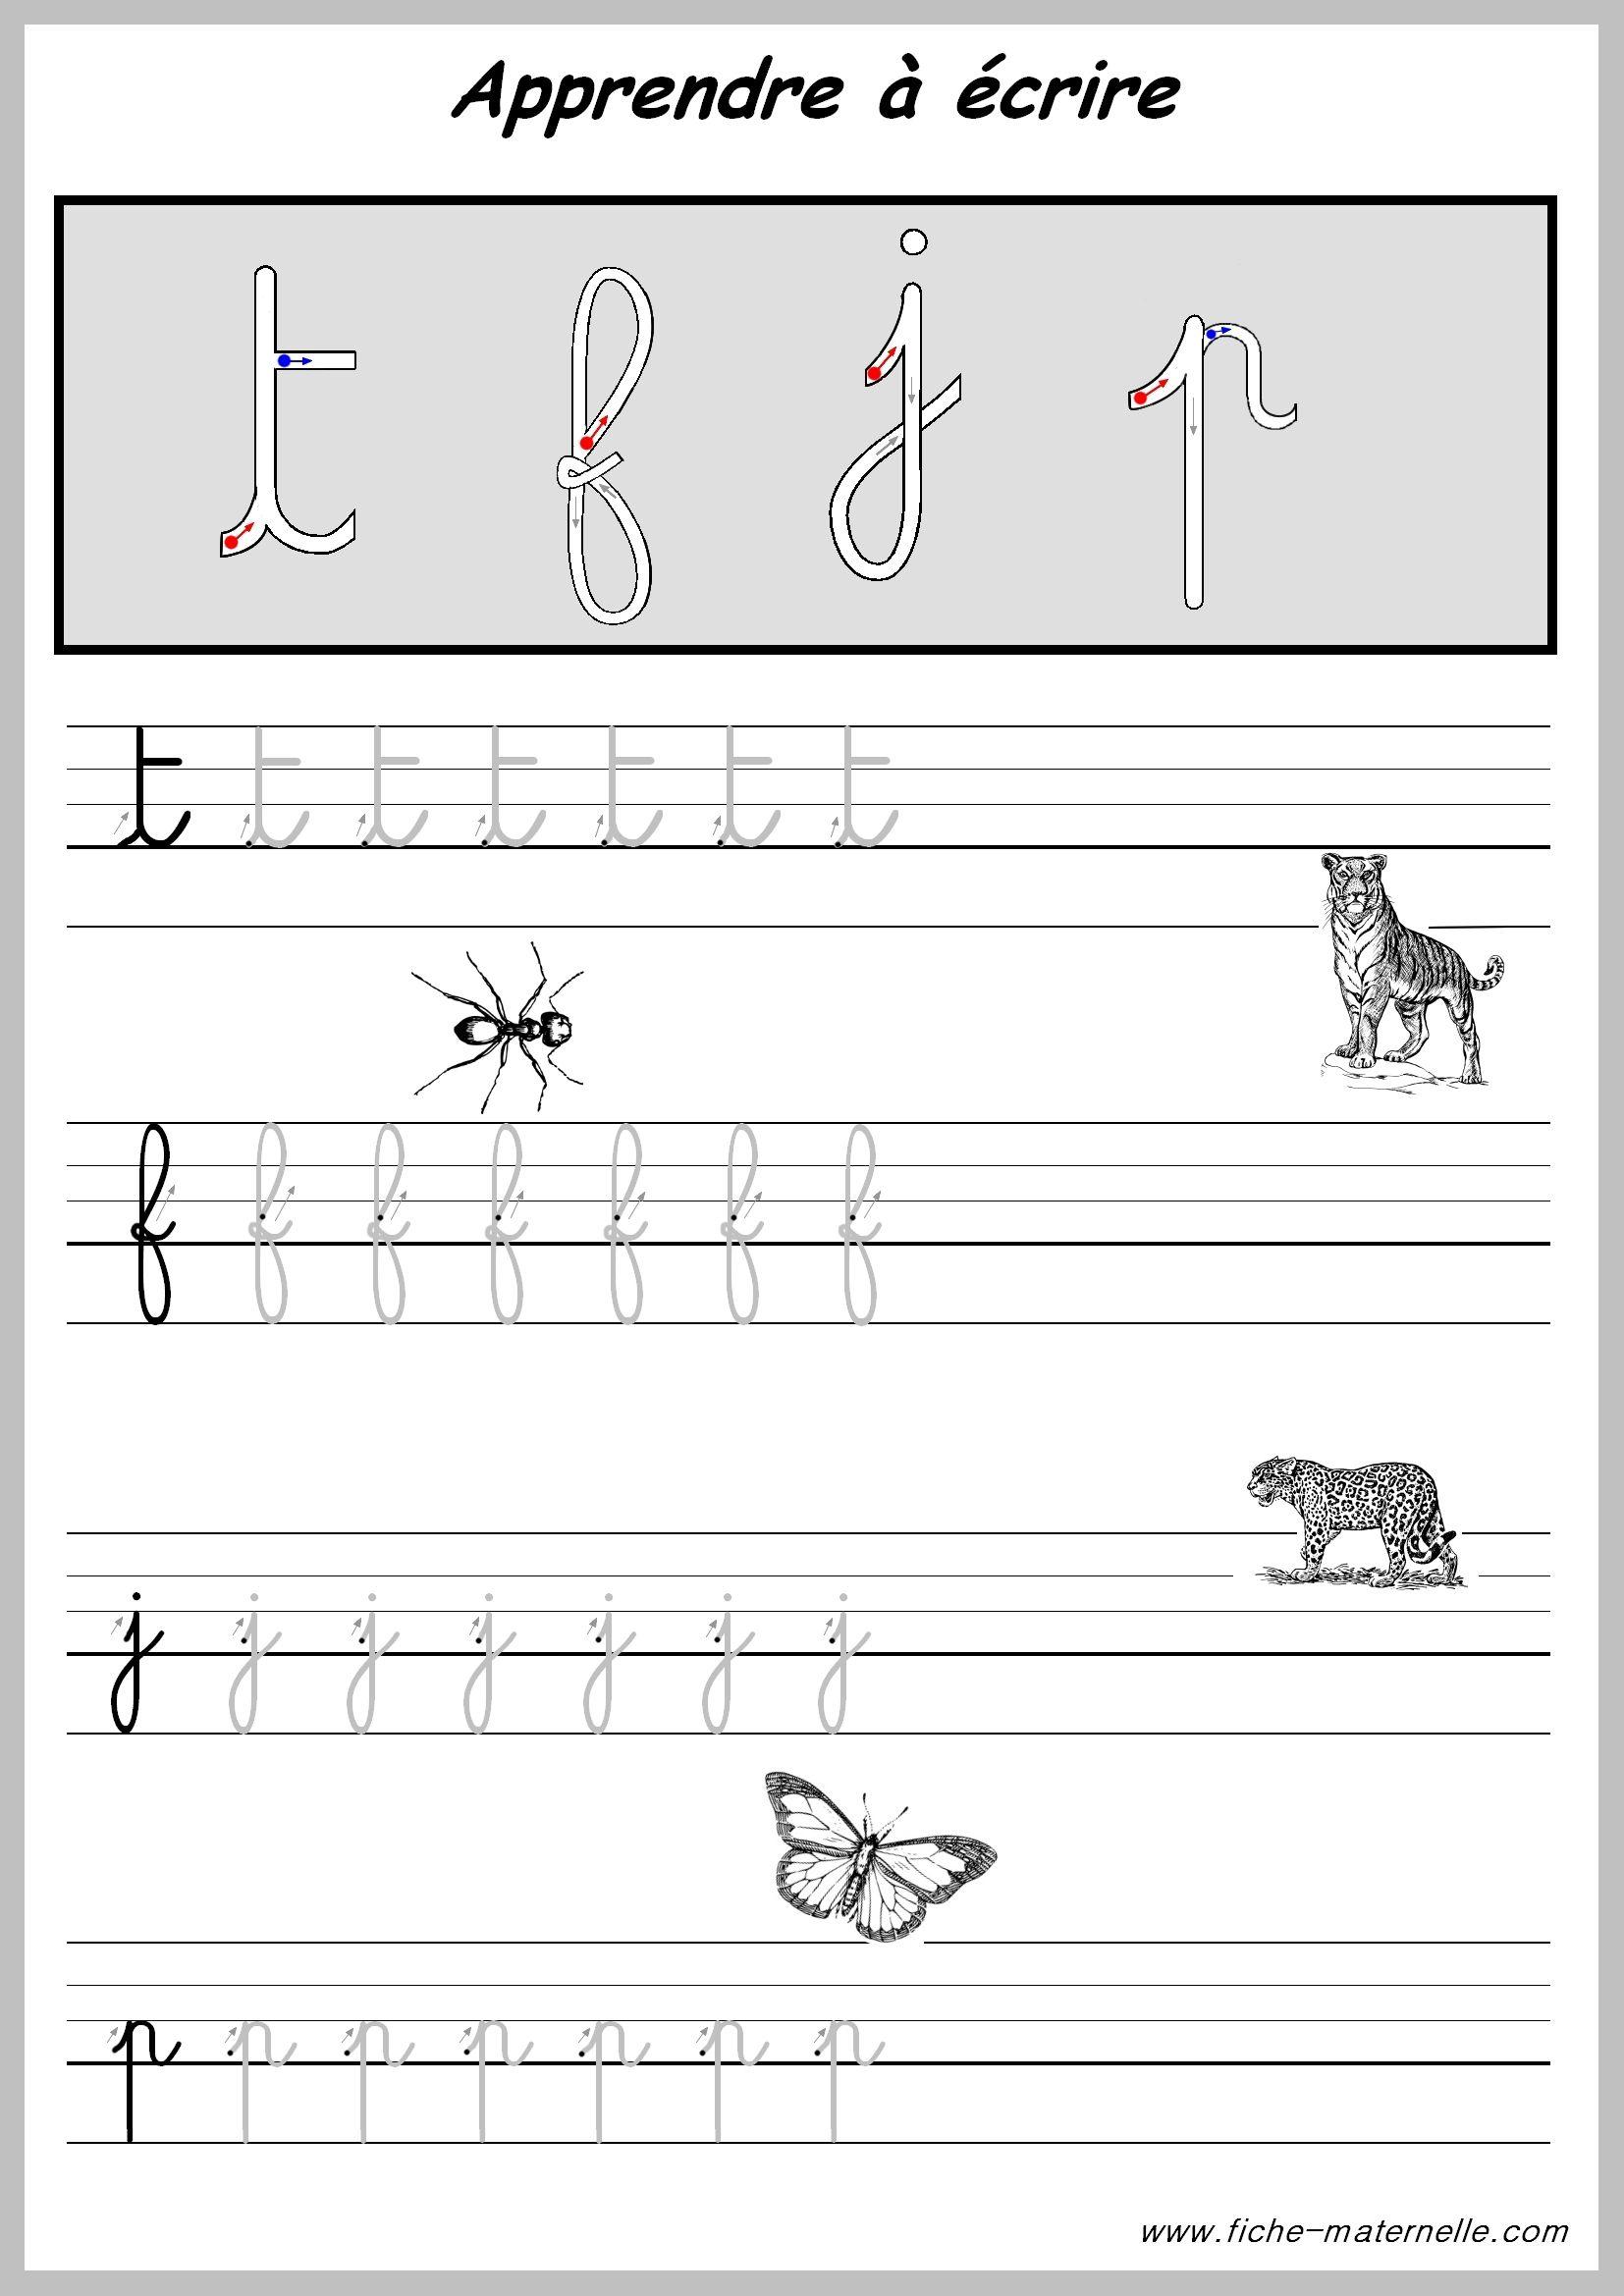 Exercices Pour Apprendre A Ecrire Les Lettres.   Écrire En intérieur Apprendre A Ecrire Les Lettres